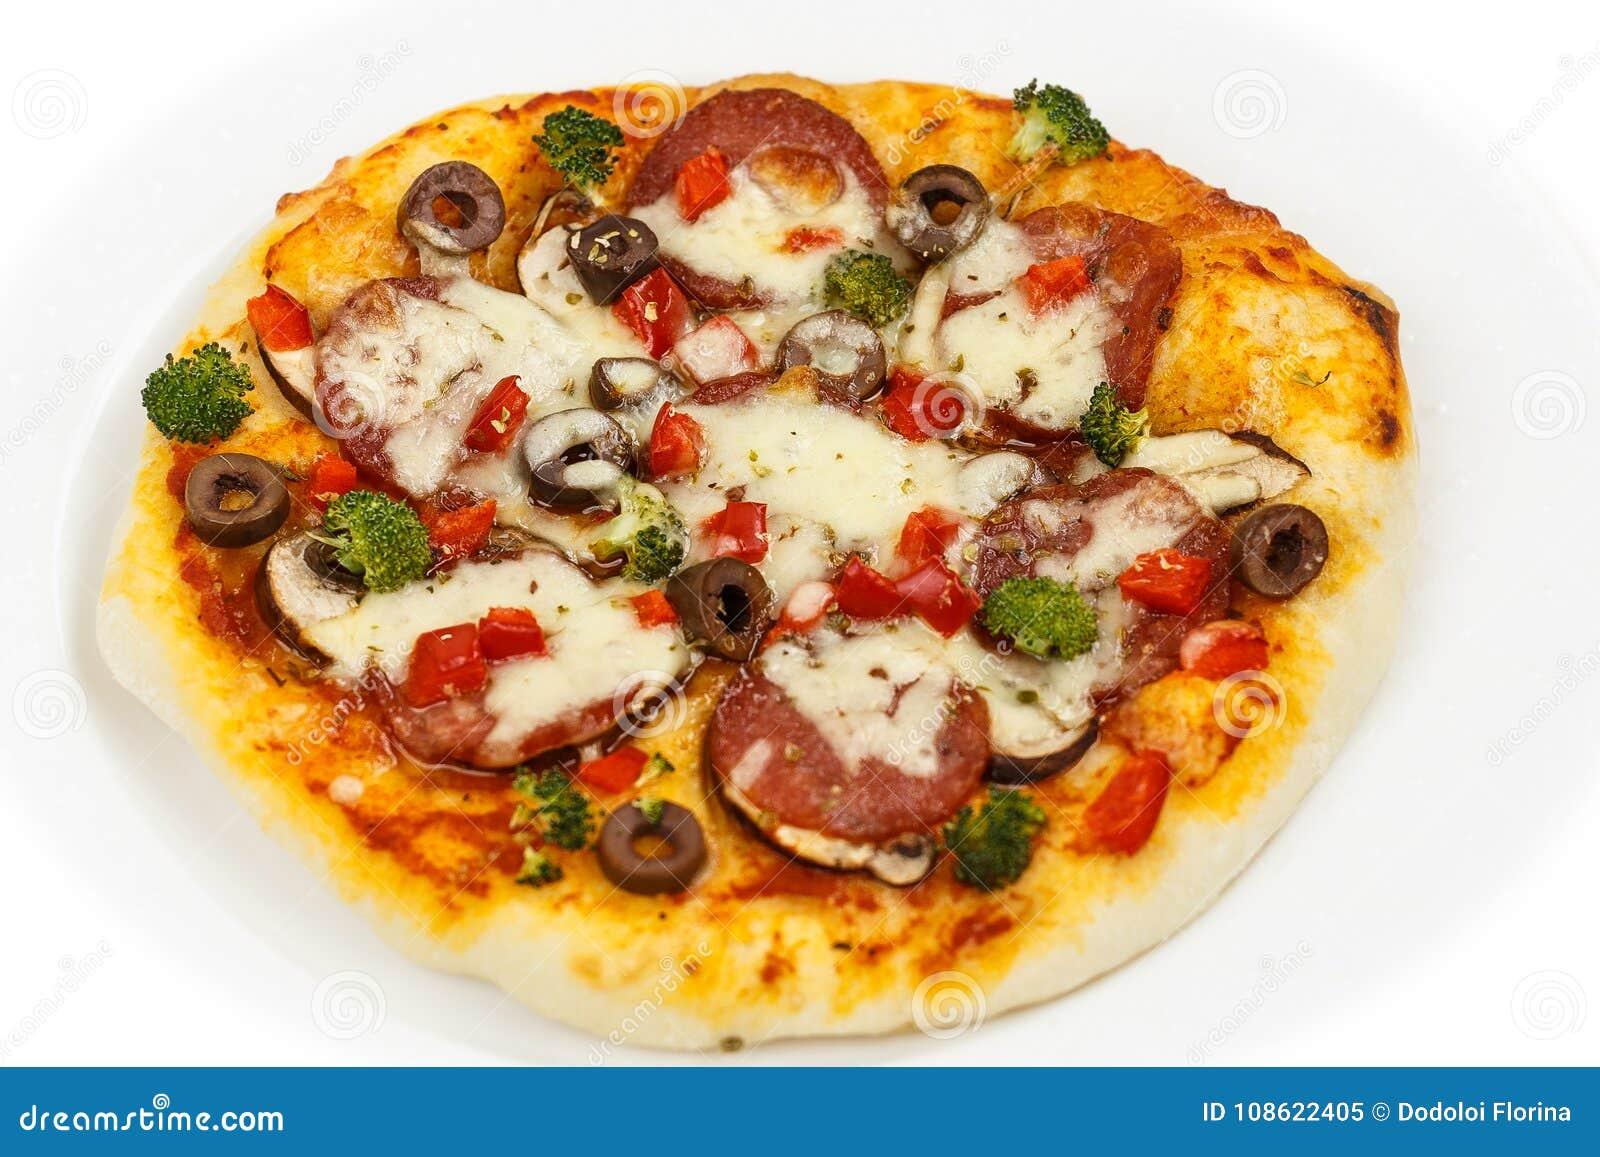 Ai8 biel gdy tła łatwi skutków elementów eps kartoteki gradienty grupowali odosobnionego nie nad pizzy druku salami ratującym sma